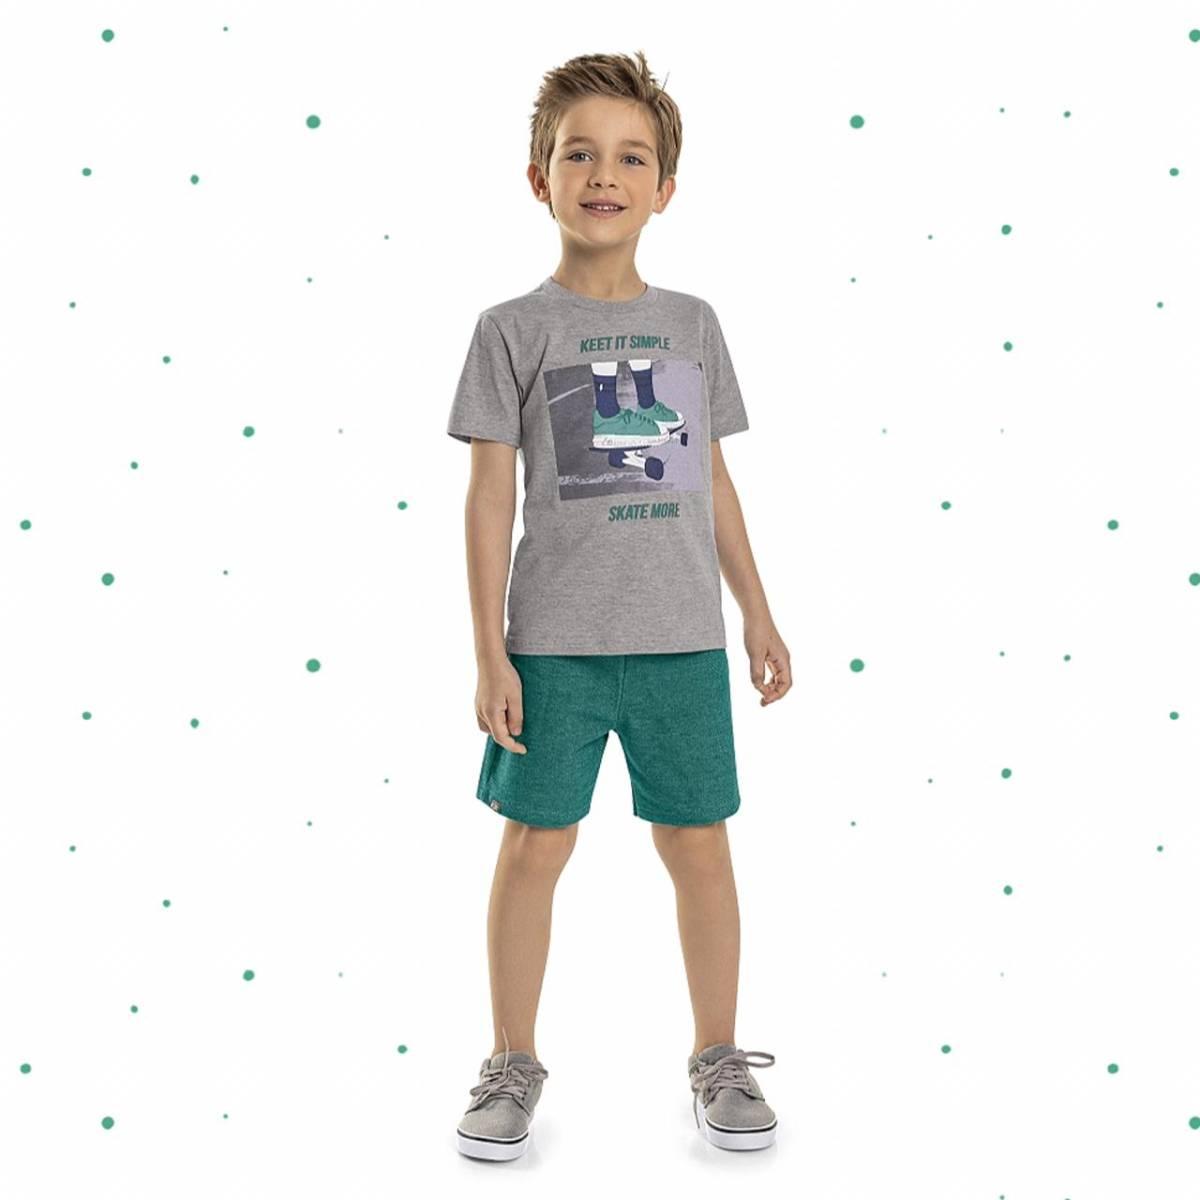 Conjunto Menino Quimby Camiseta em Algodão e Bermuda em Moletinho Sarjado